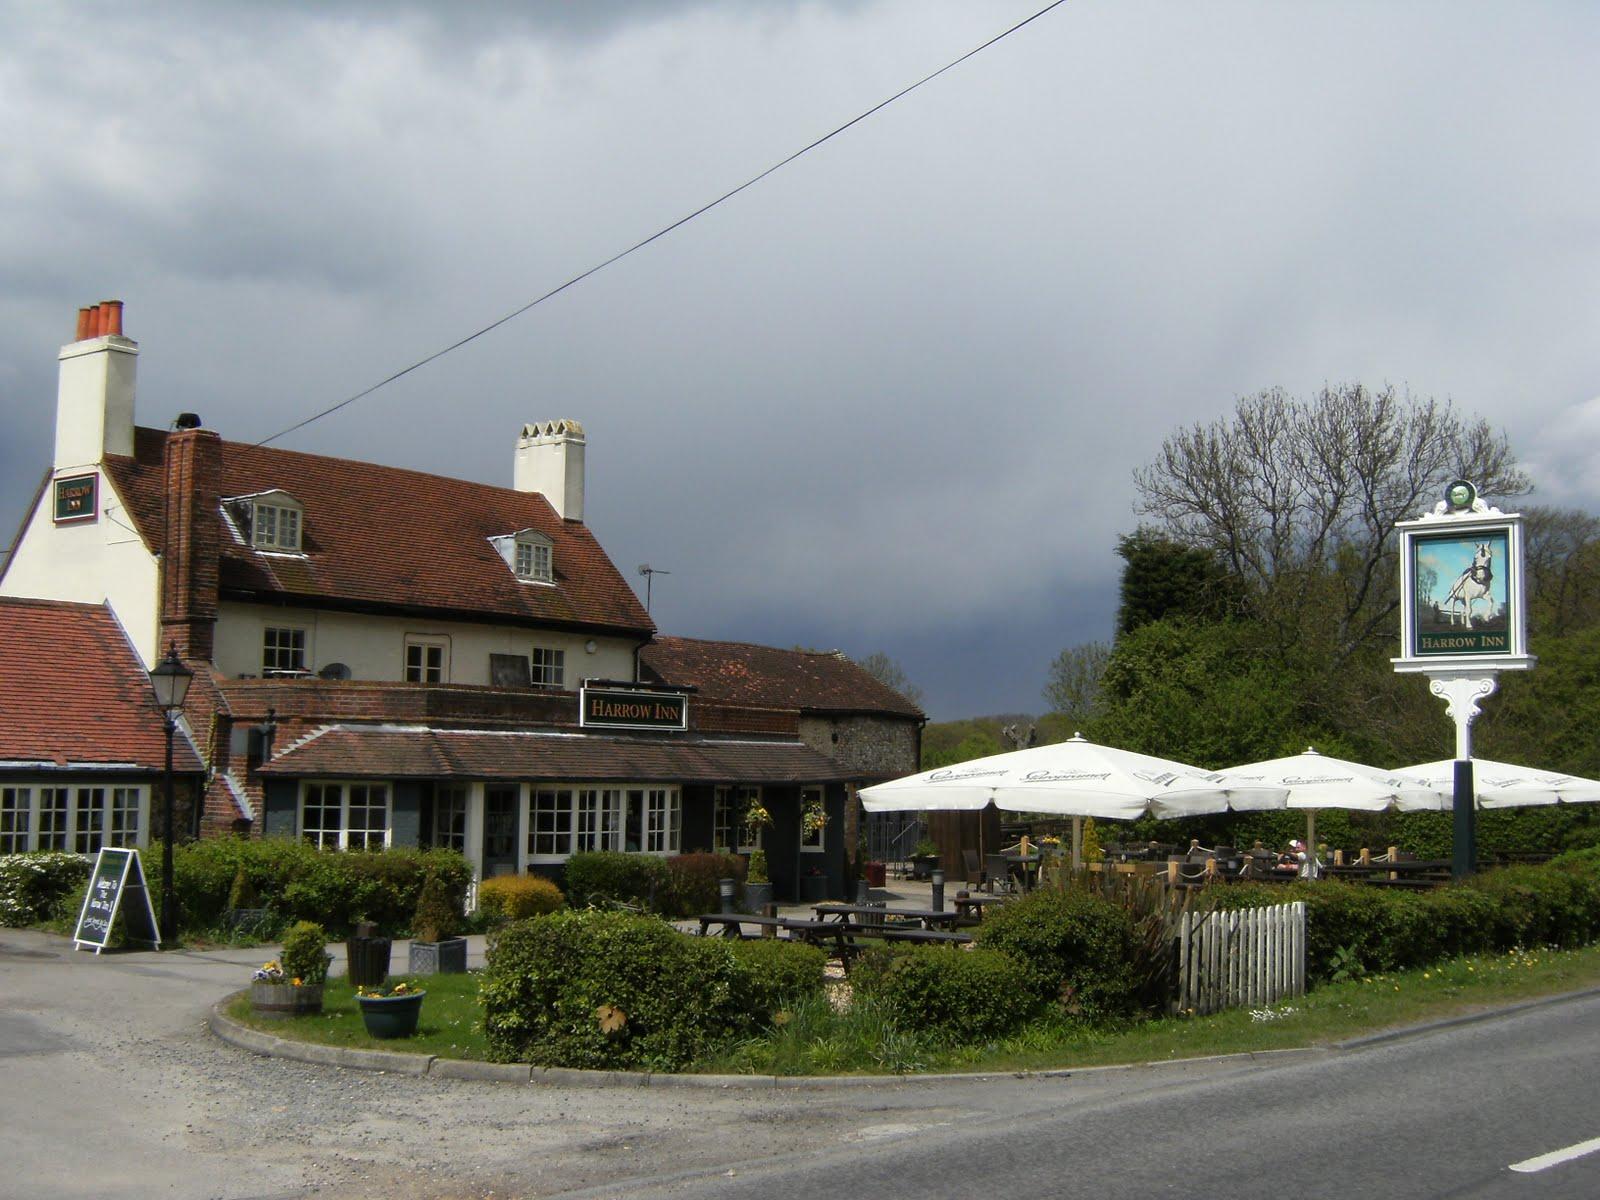 1005120051 Harrow Inn, Great Farleigh Green